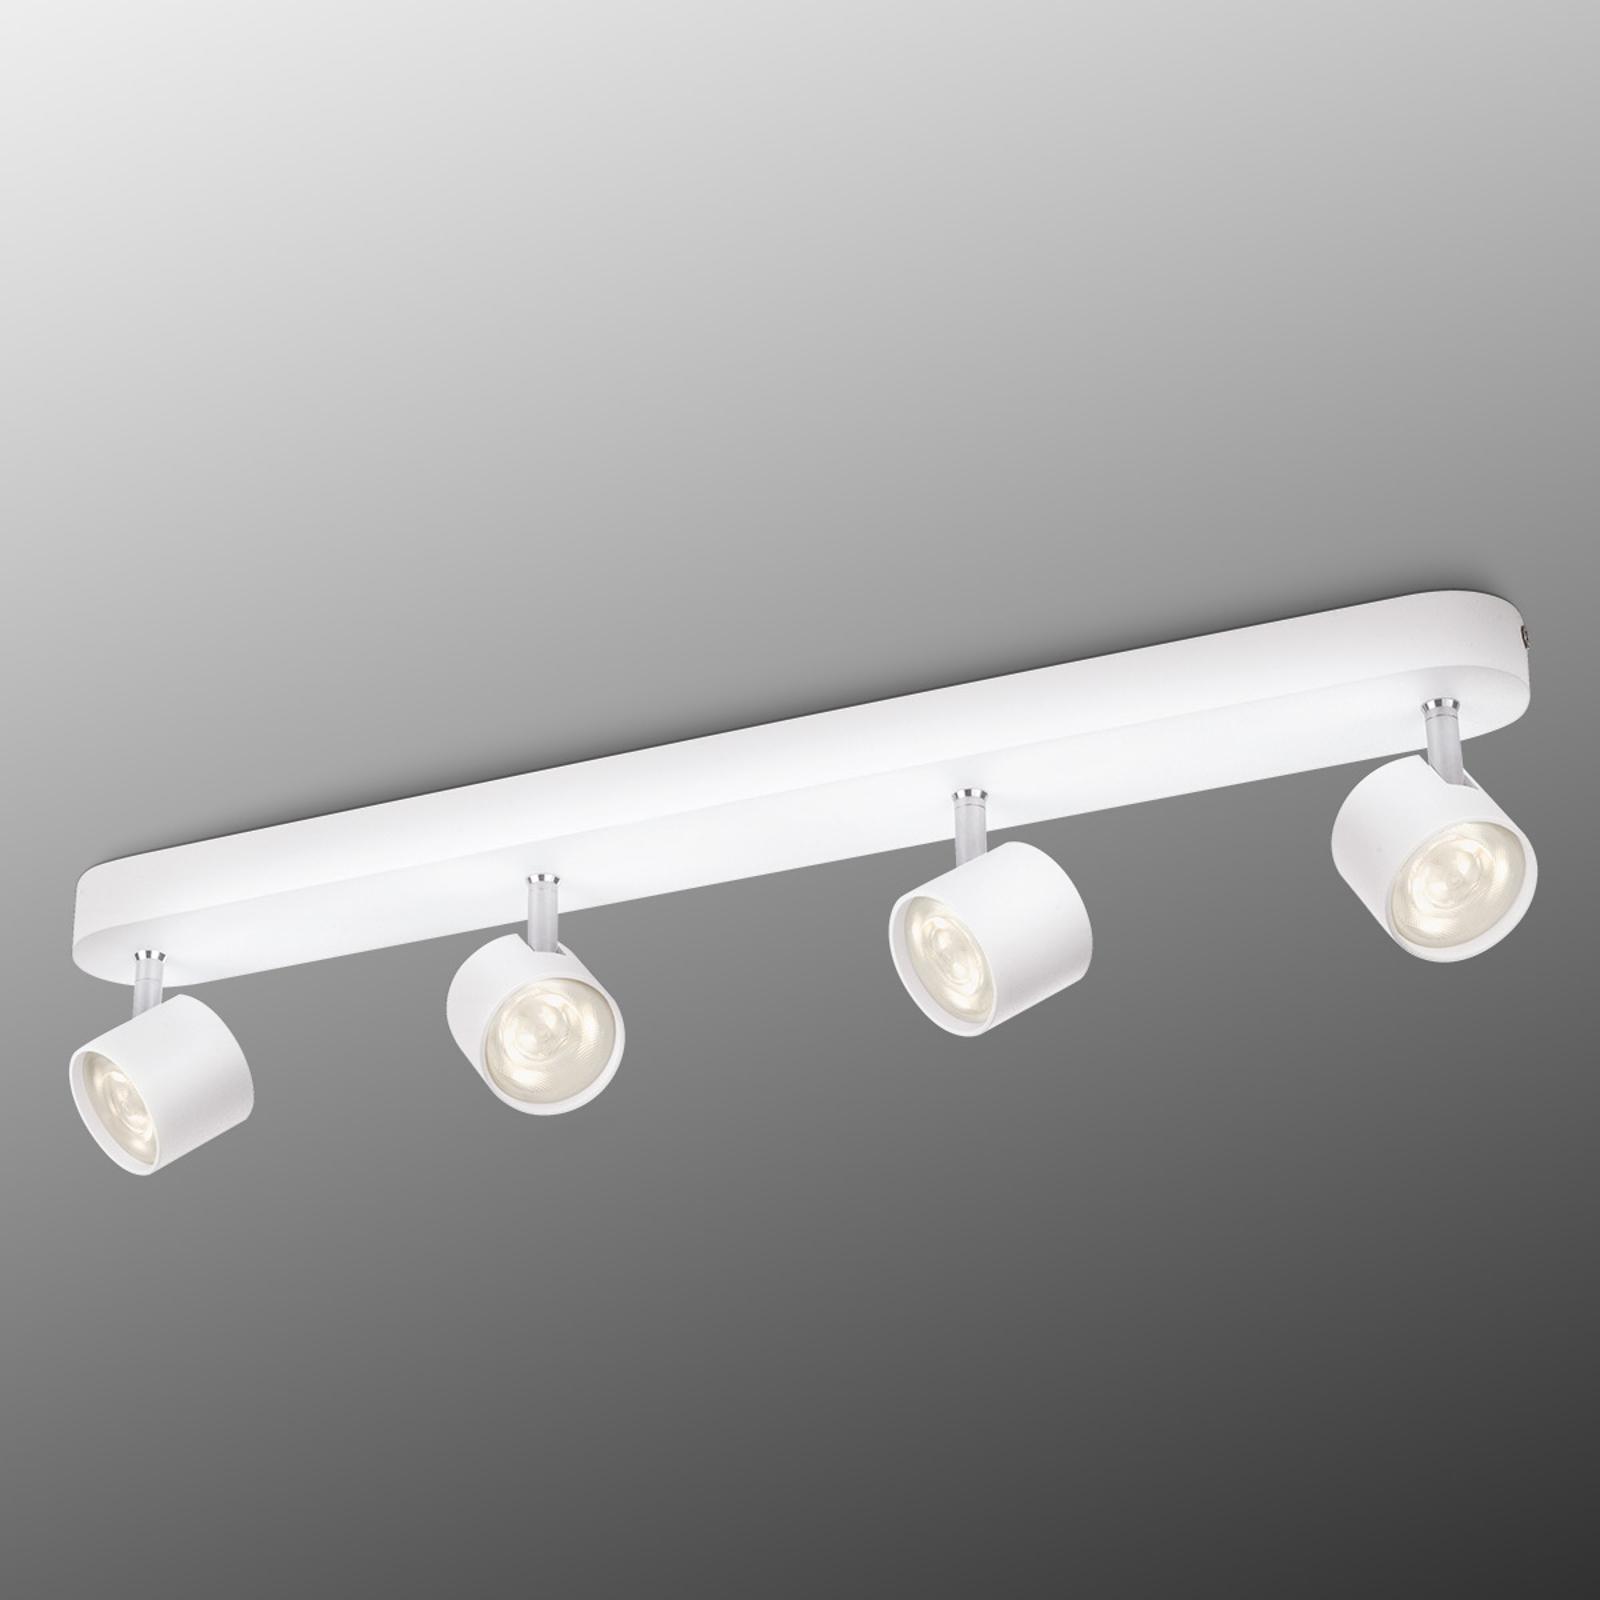 Philips Star schwenkbarer LED-Strahler weiß 4flg.